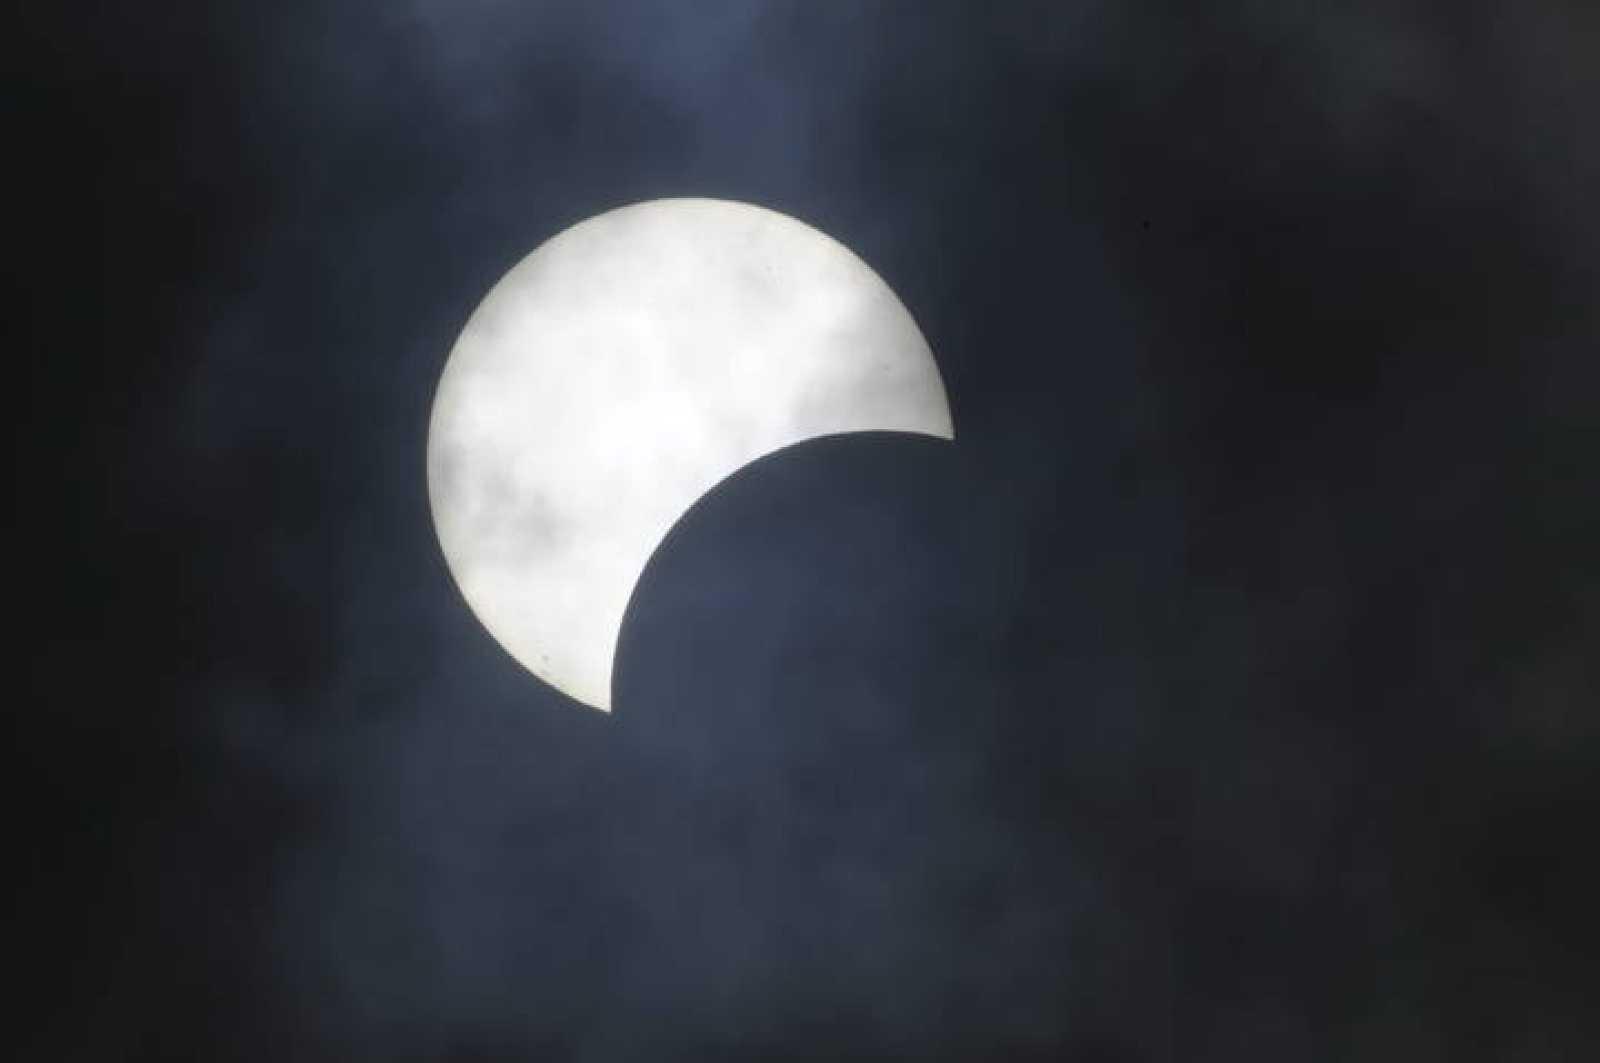 La imagen muestra un eclipse solar parcial.